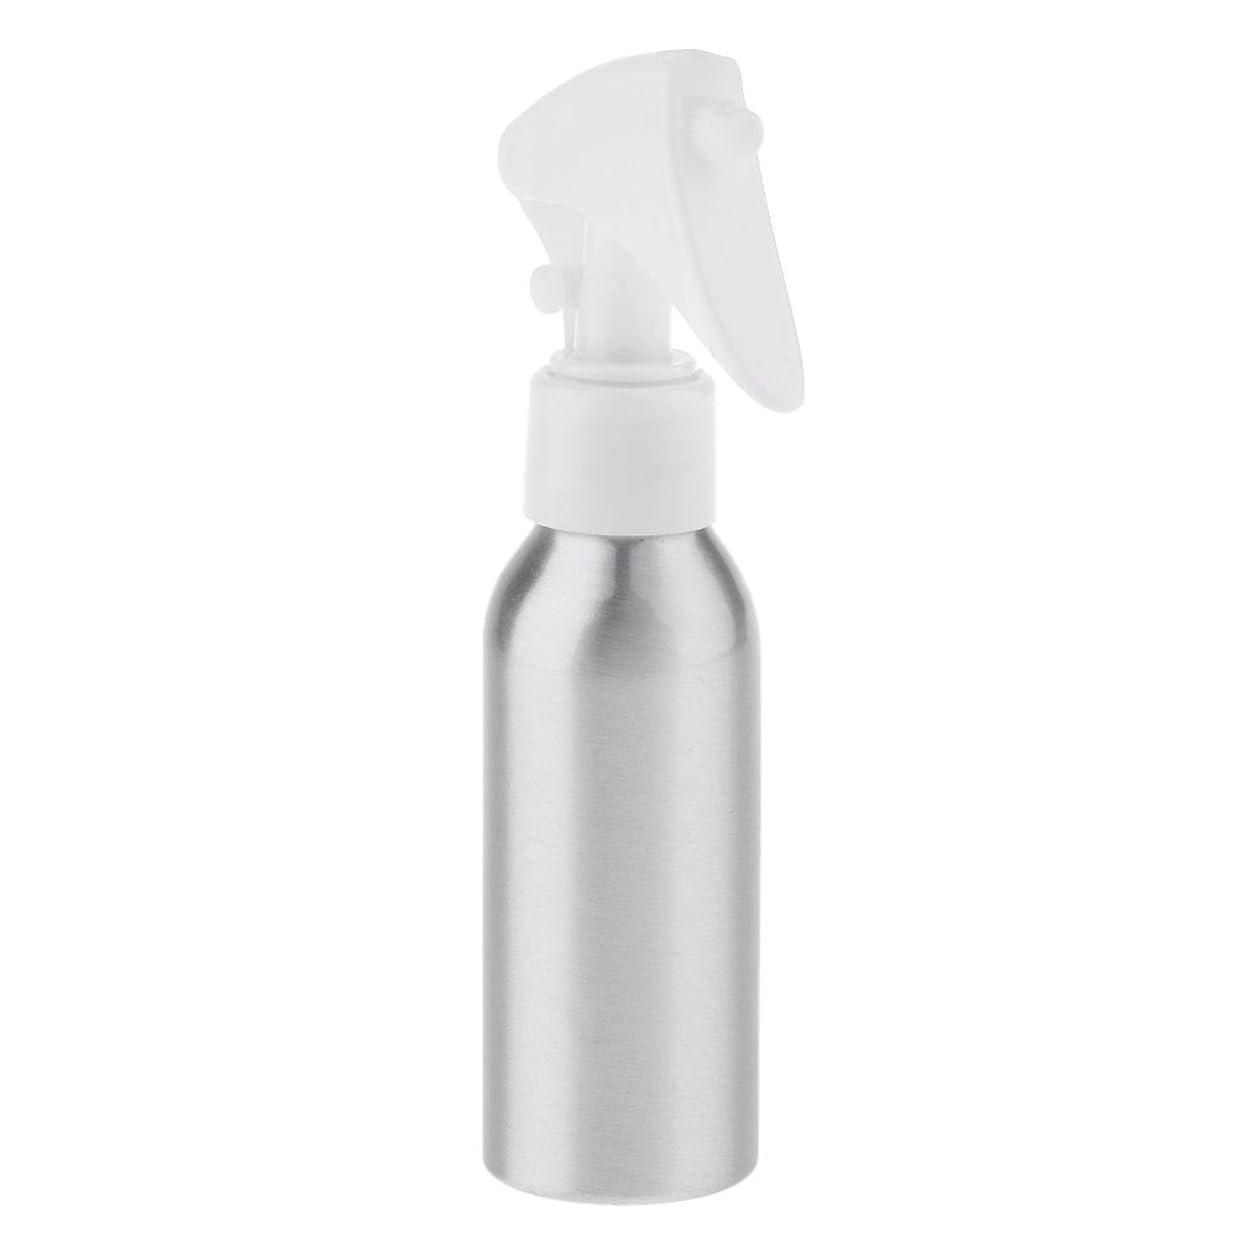 愛情輝く成功Toygogo スプレーボトル 空ボトル 水スプレー 噴霧器 調合用水 ヘアーサロン 植物 6サイズ選択 - 120ML